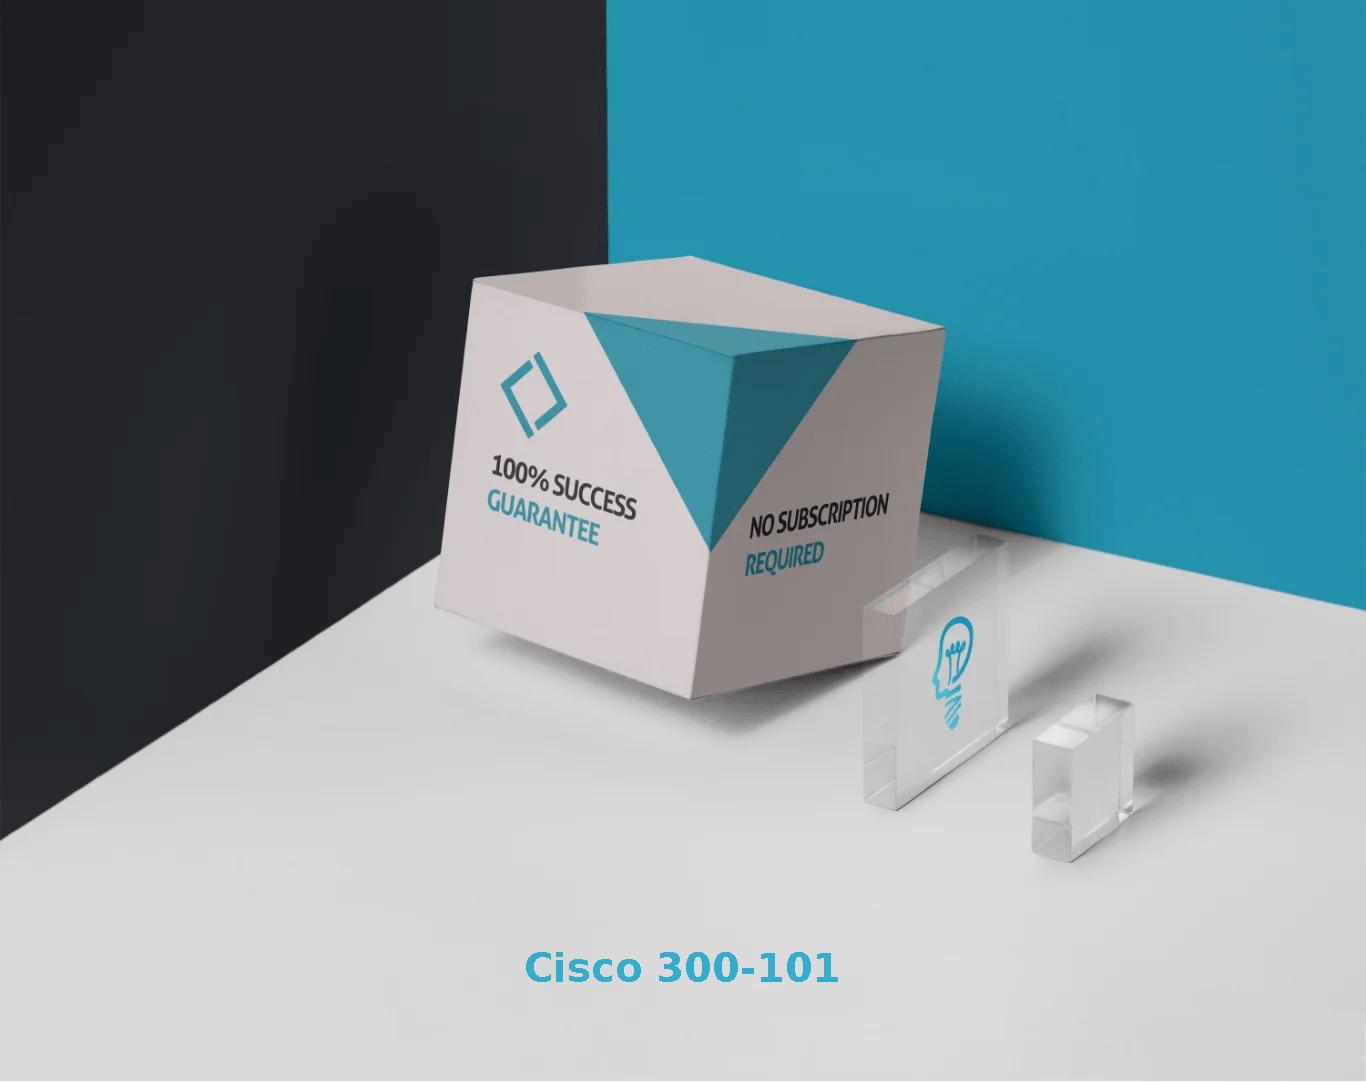 Cisco 300-101 Exams